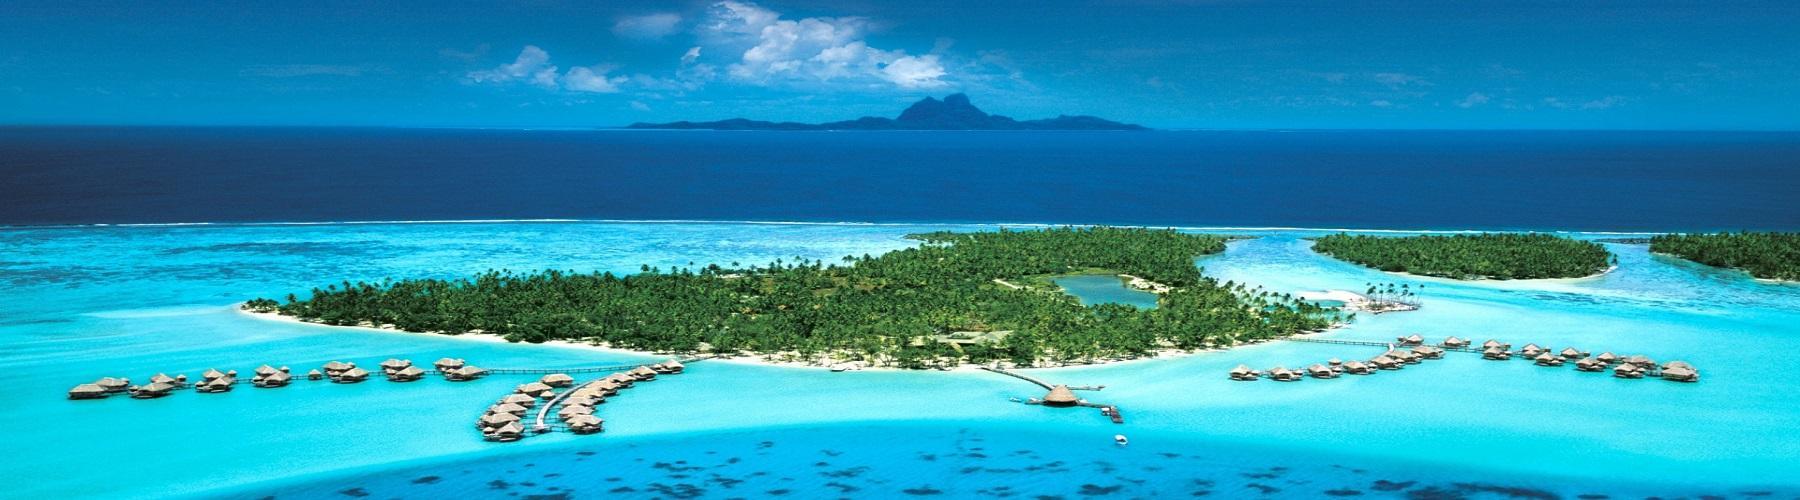 Путешественникам в отелях Французской Полинезии предлагаются роскошные бунгало с соломенной крышей